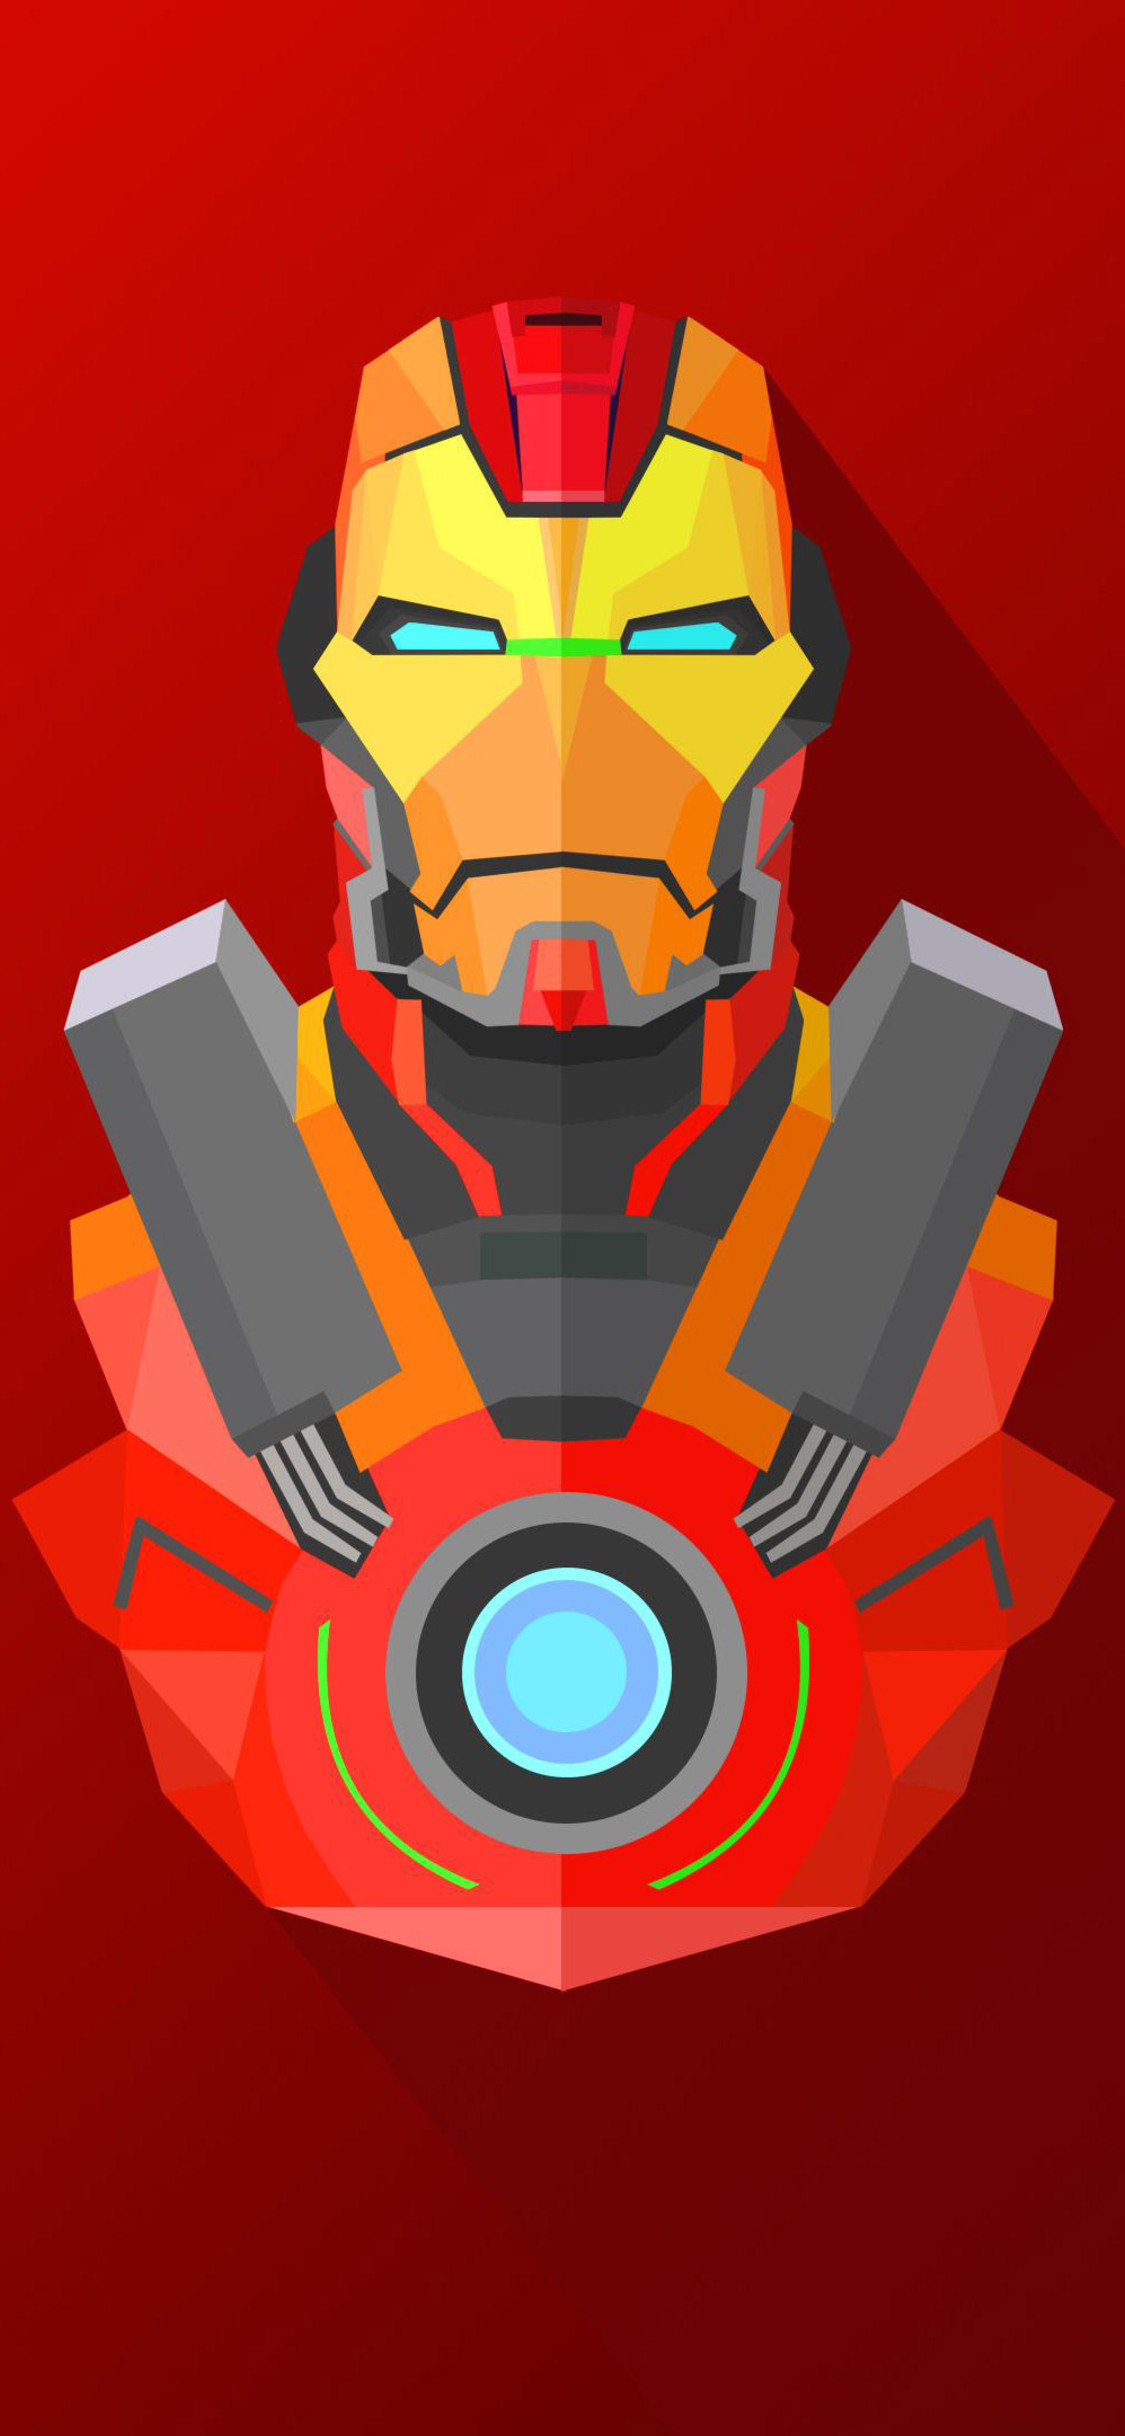 1125x2436 Iron Man Heartbreaker Artwork 4k Iphone Xs Iphone 10